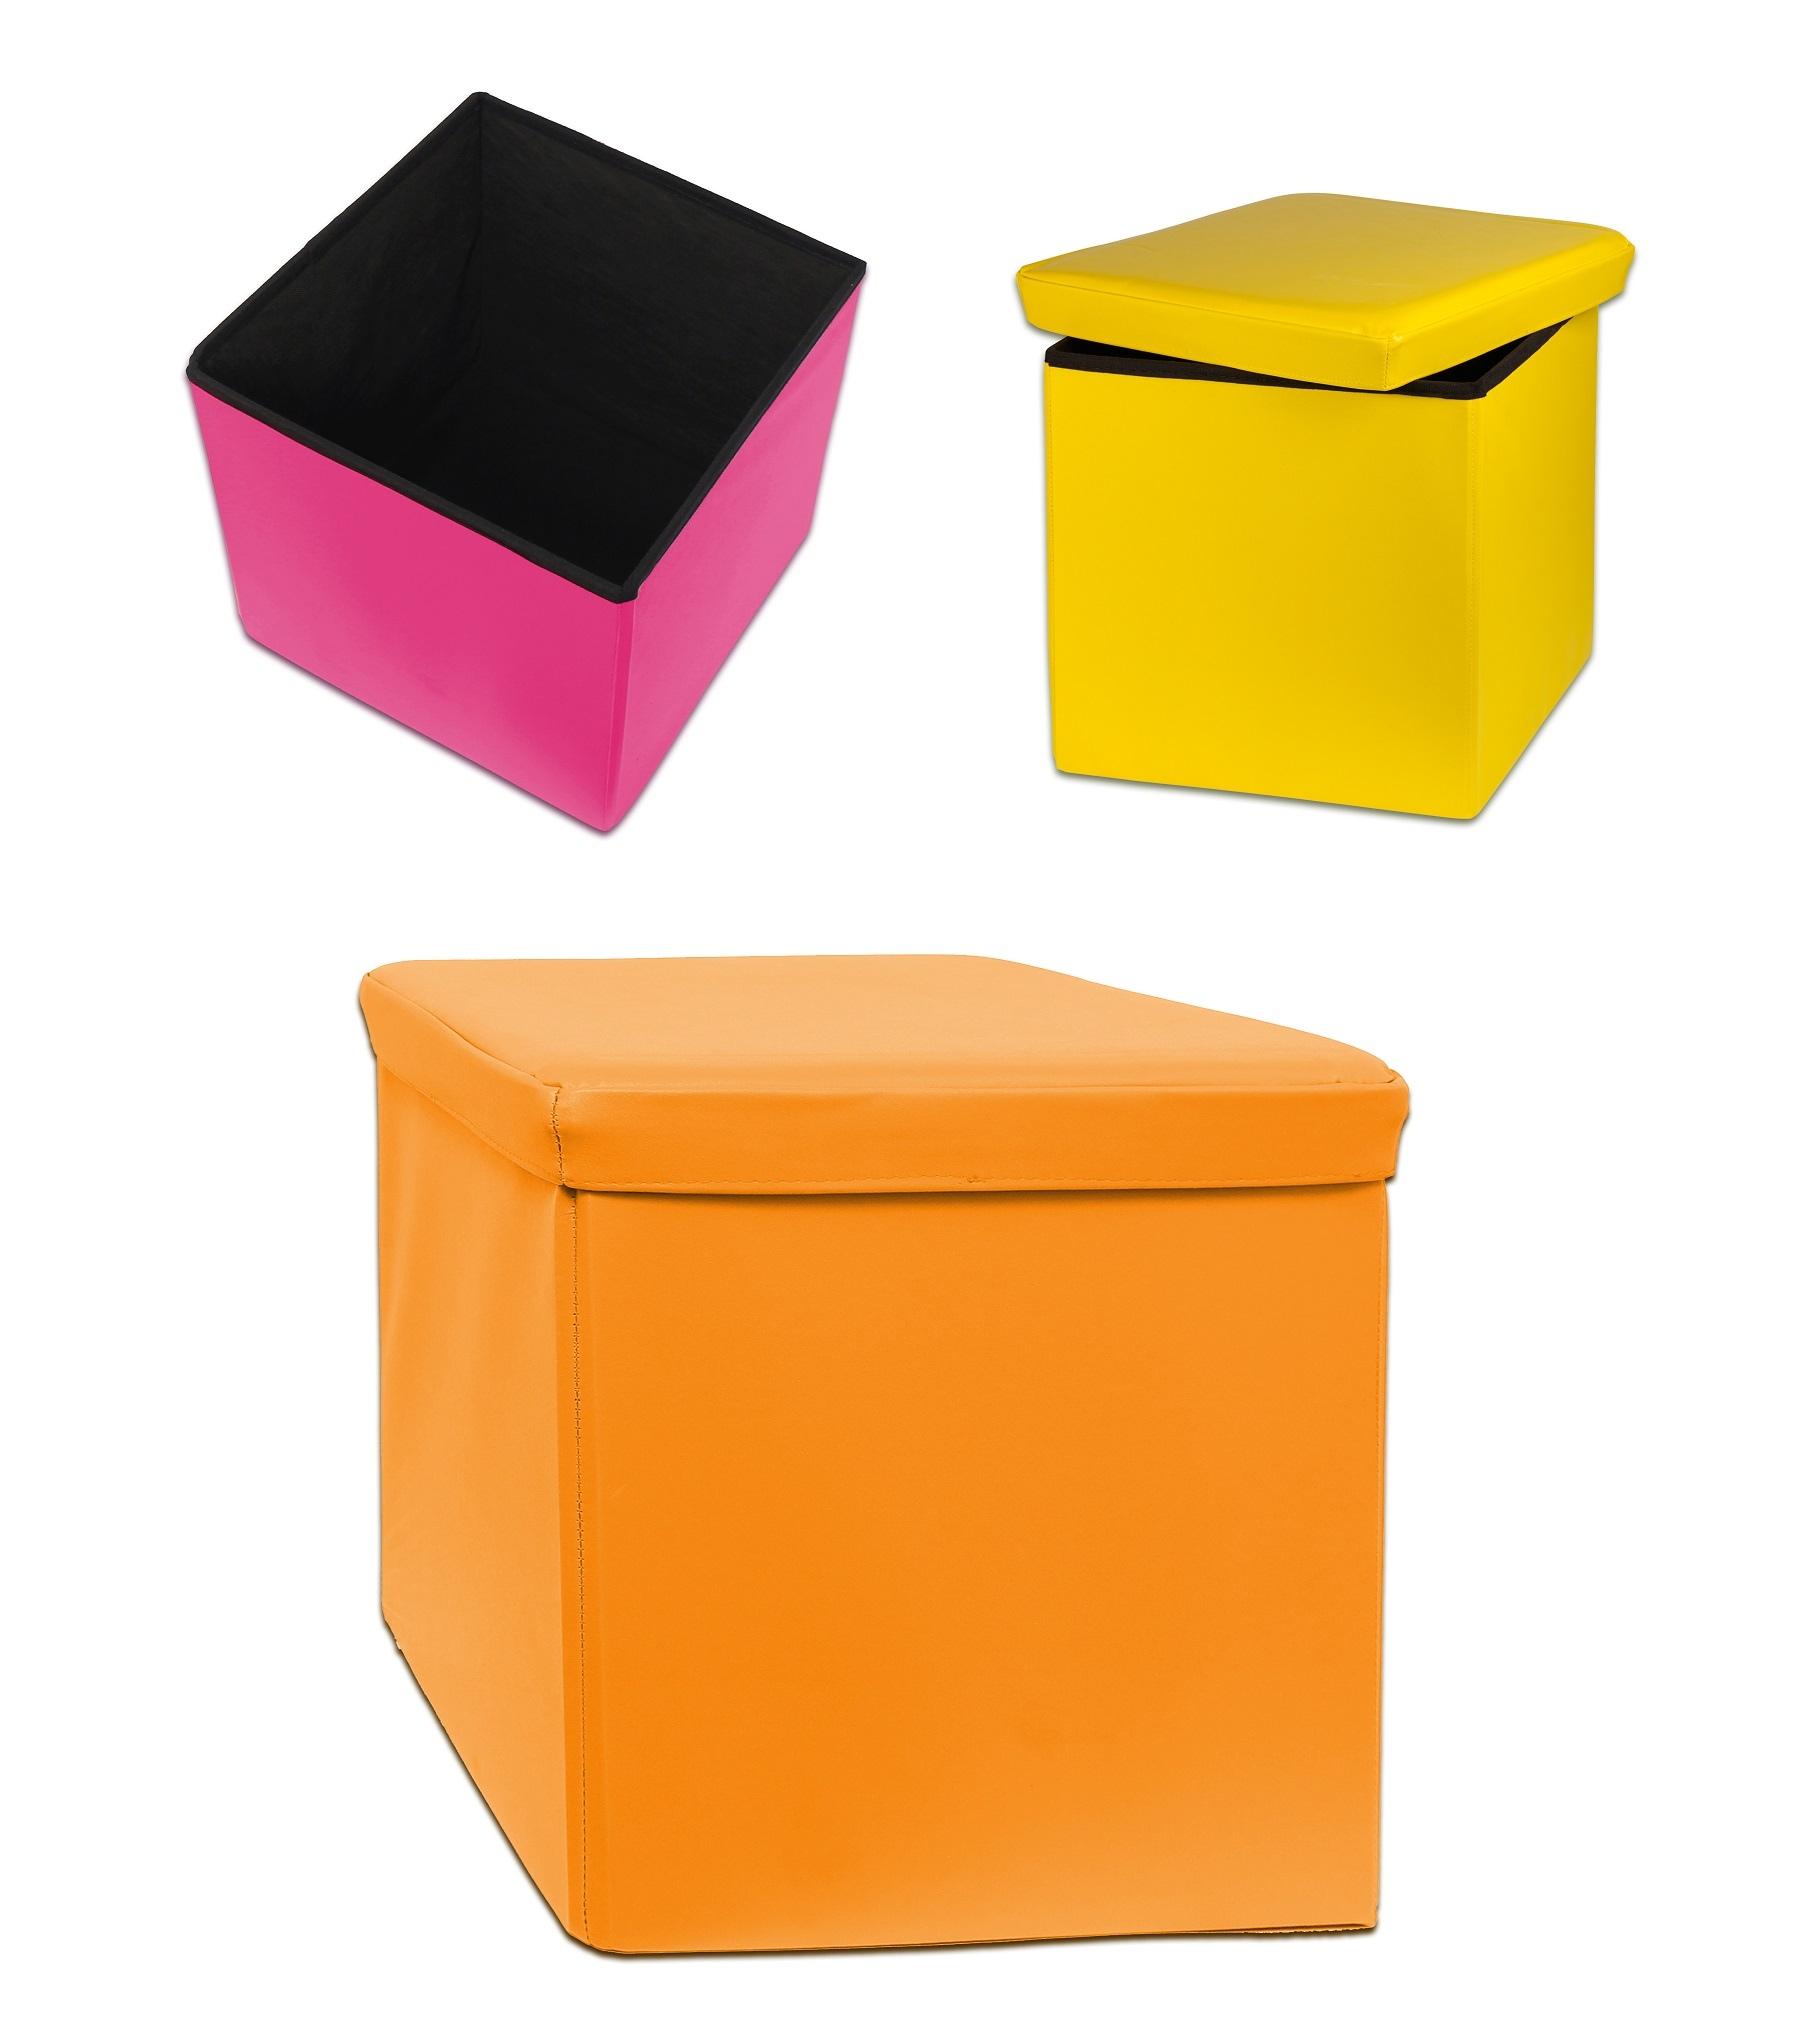 Designer Spizy Foldaway Ottoman Storage Toy Box Pouffe